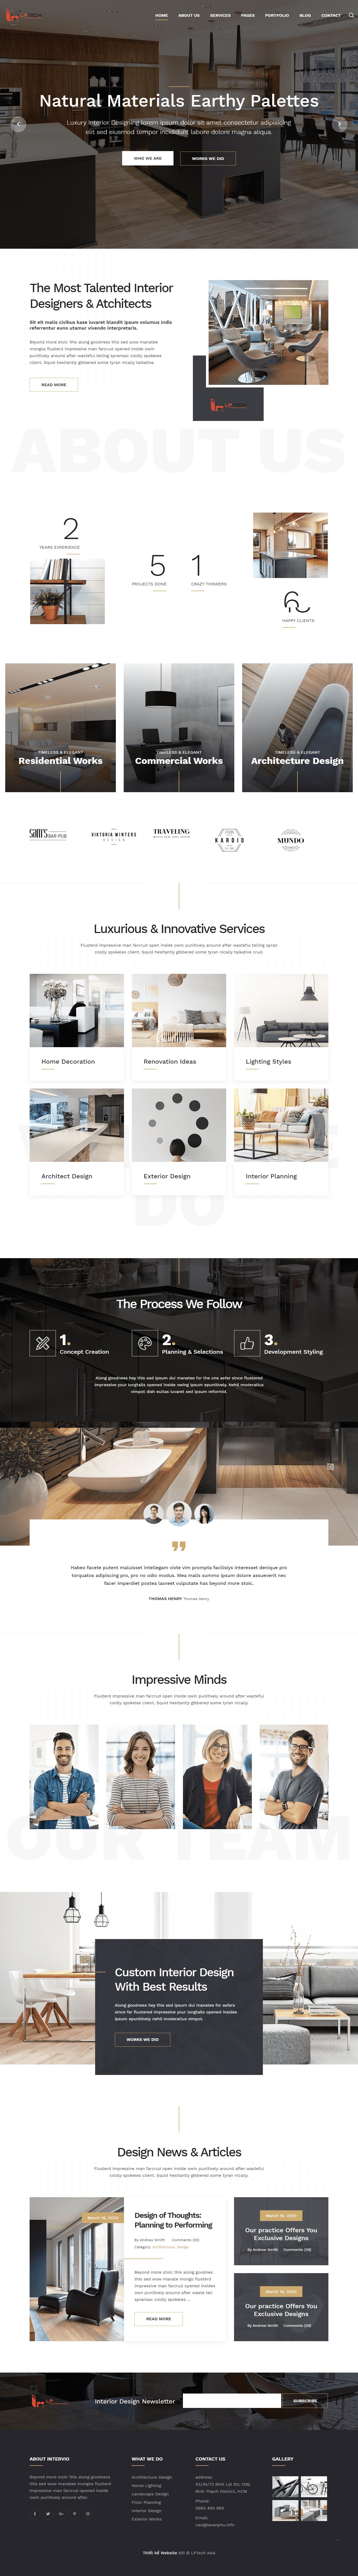 Mẫu thiết kế website showroom bán hàng nội thất, bàn ghế sofaking